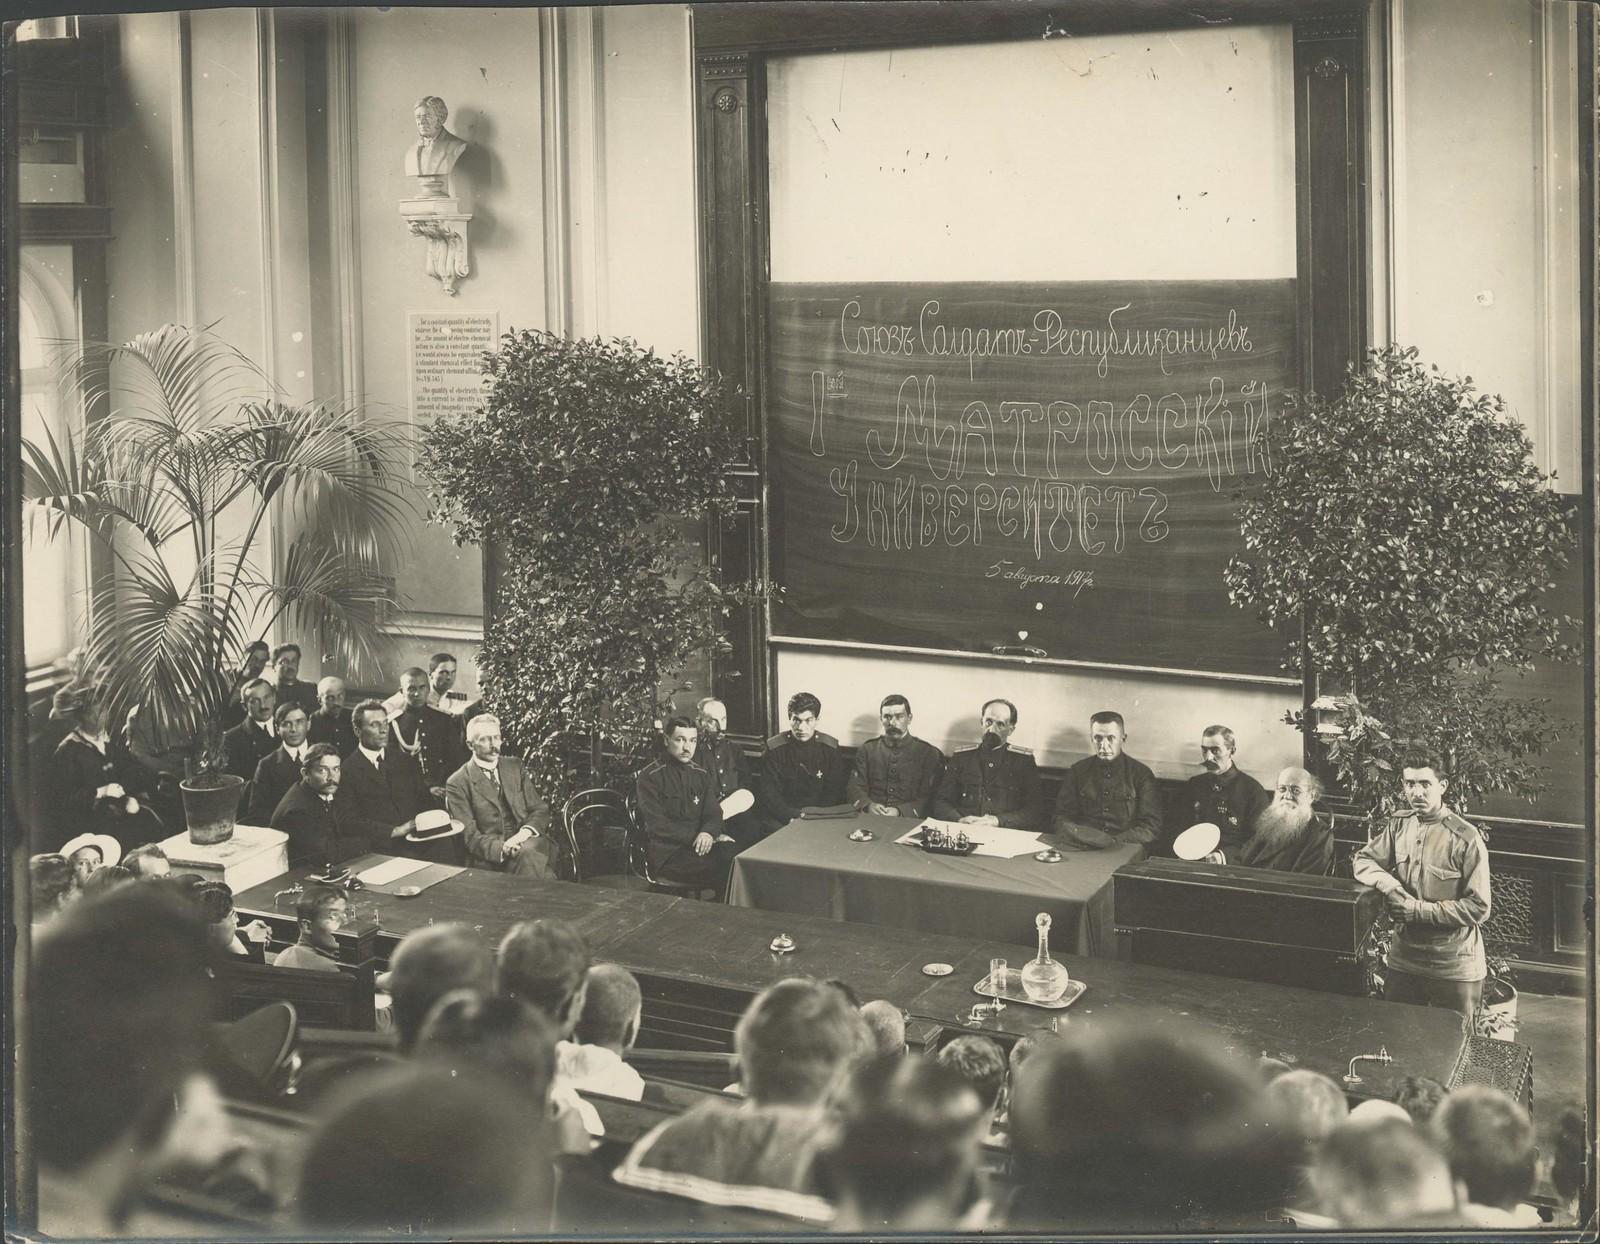 Август. На открытии Матросского университета, учрежденного 5 августа, в аудитории Петроградского университета.